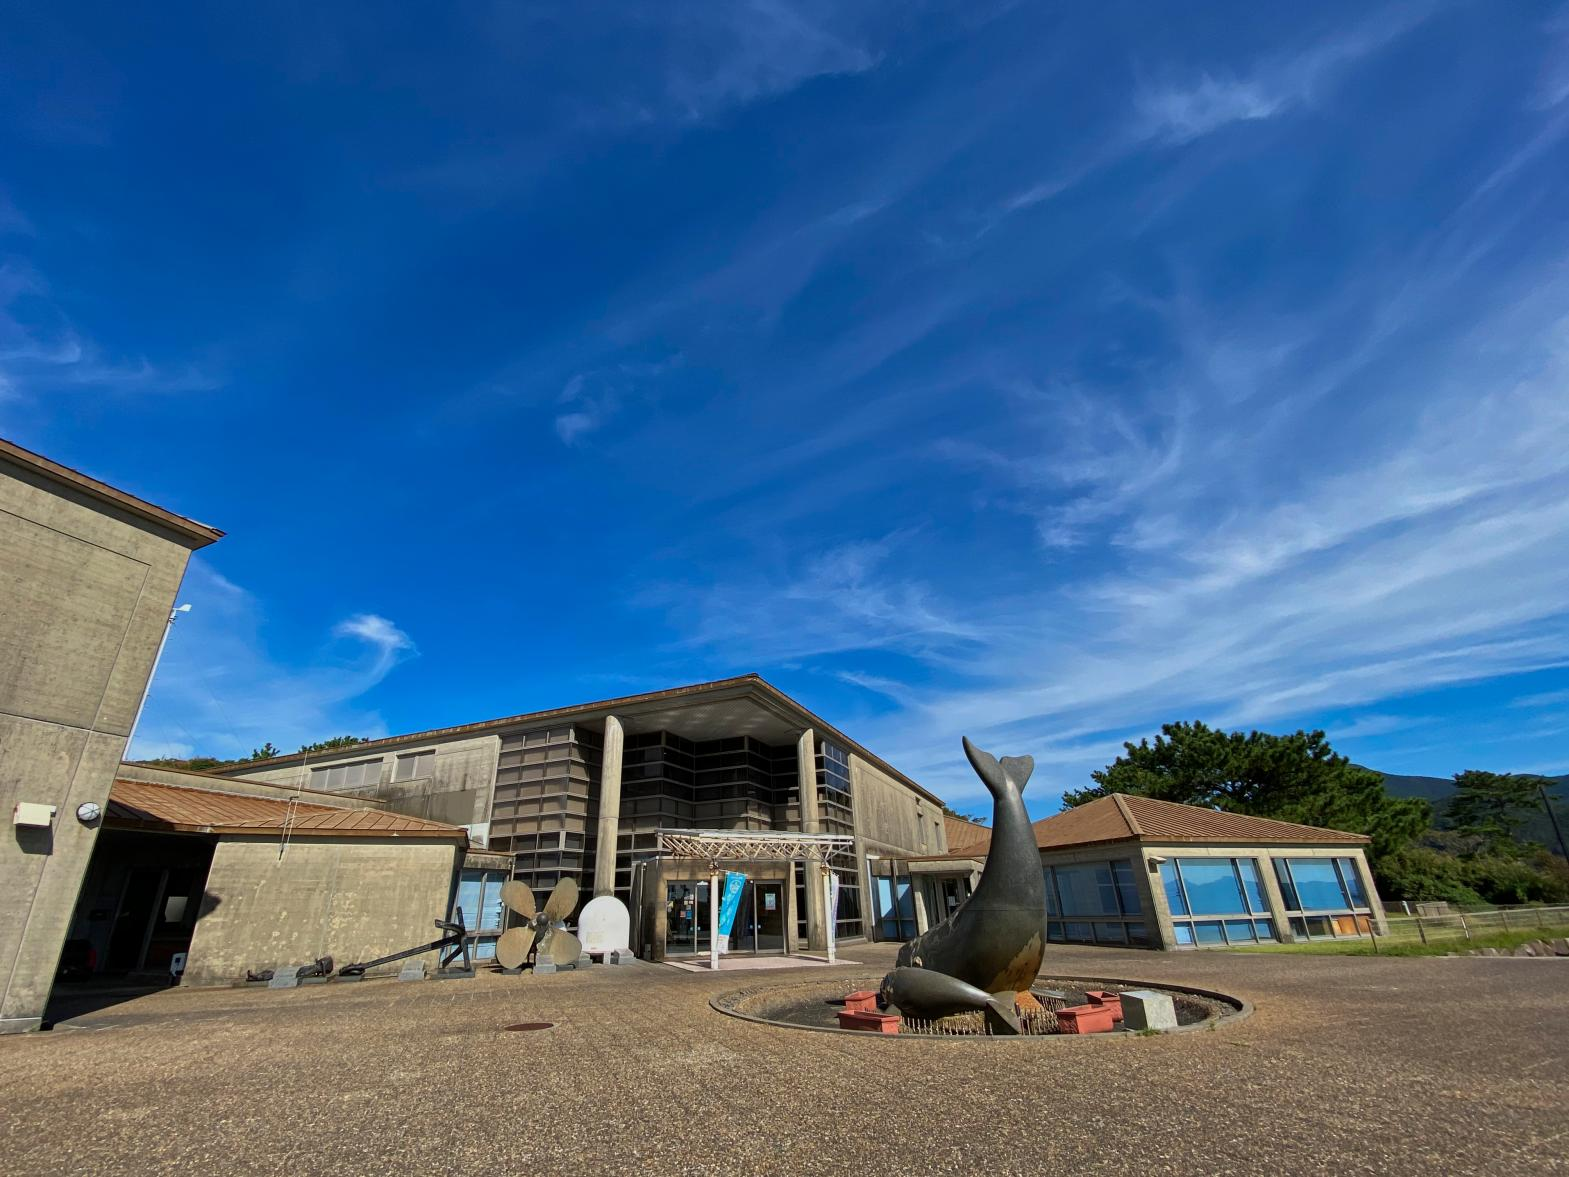 かつて捕鯨の町として栄えた「生月島」-0